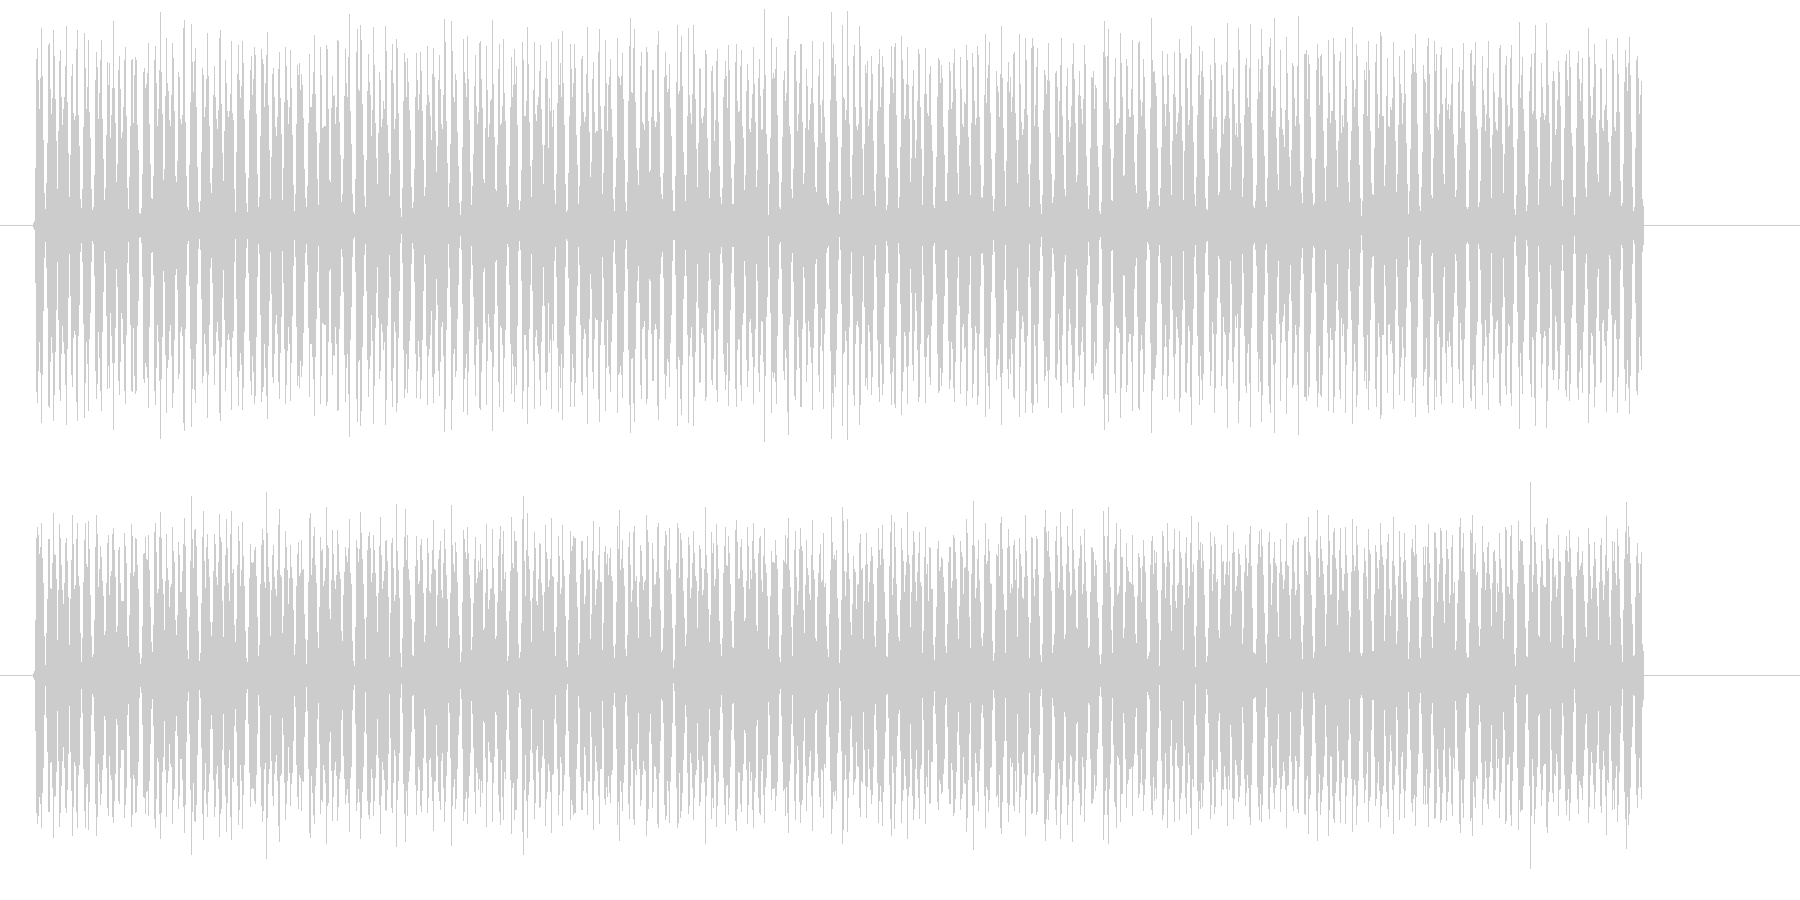 ピョンピョンピョンピョン(高音の電子音)の未再生の波形